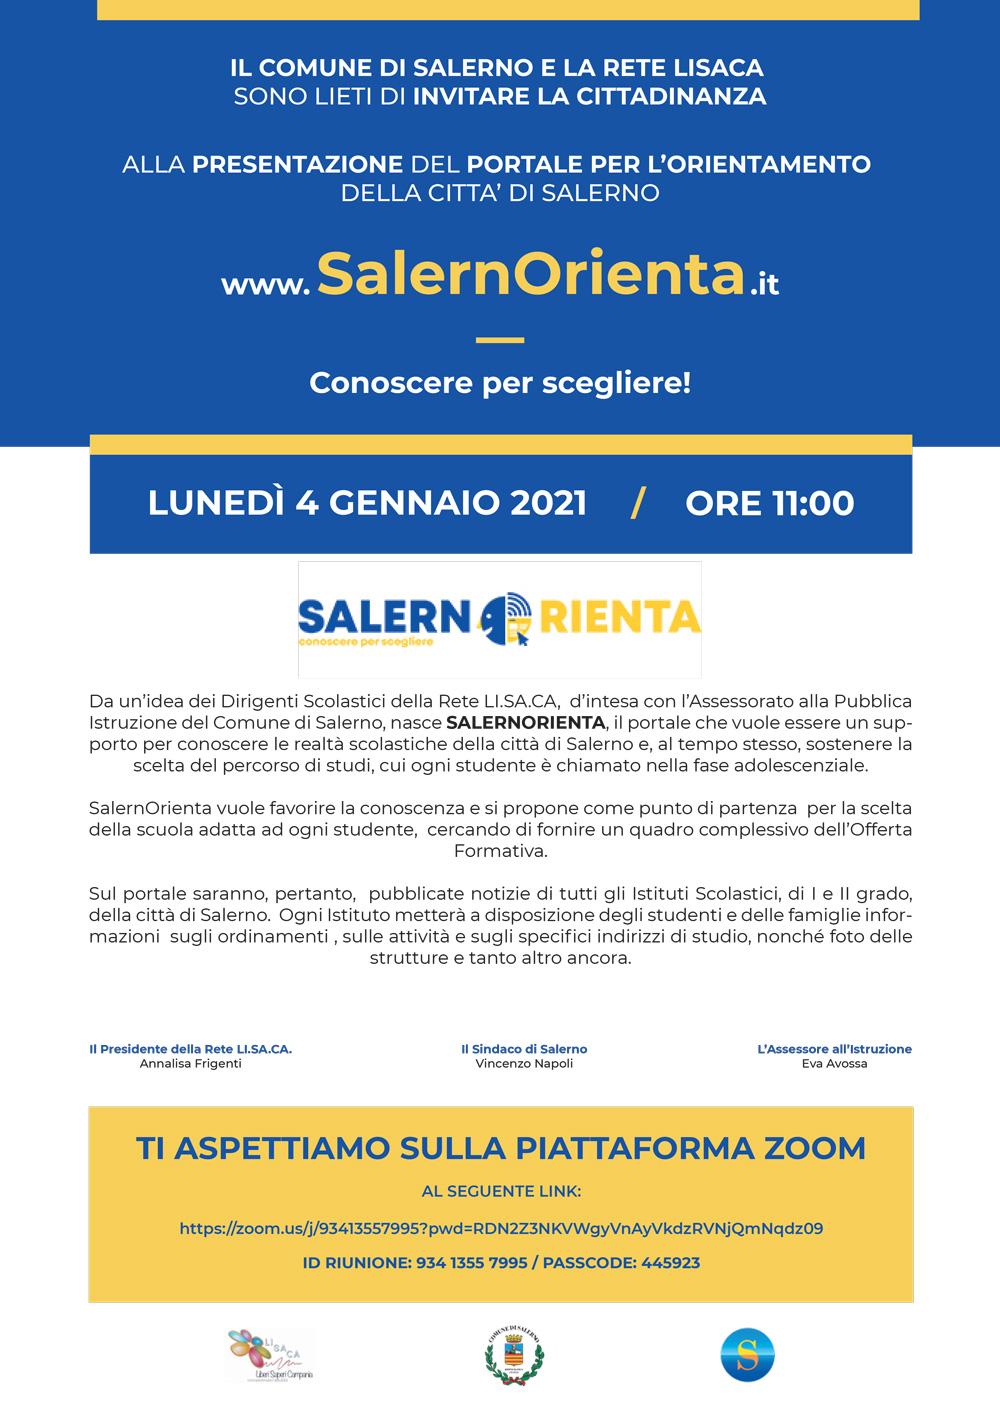 SalernOrienta.it: il portale per l'orientamento